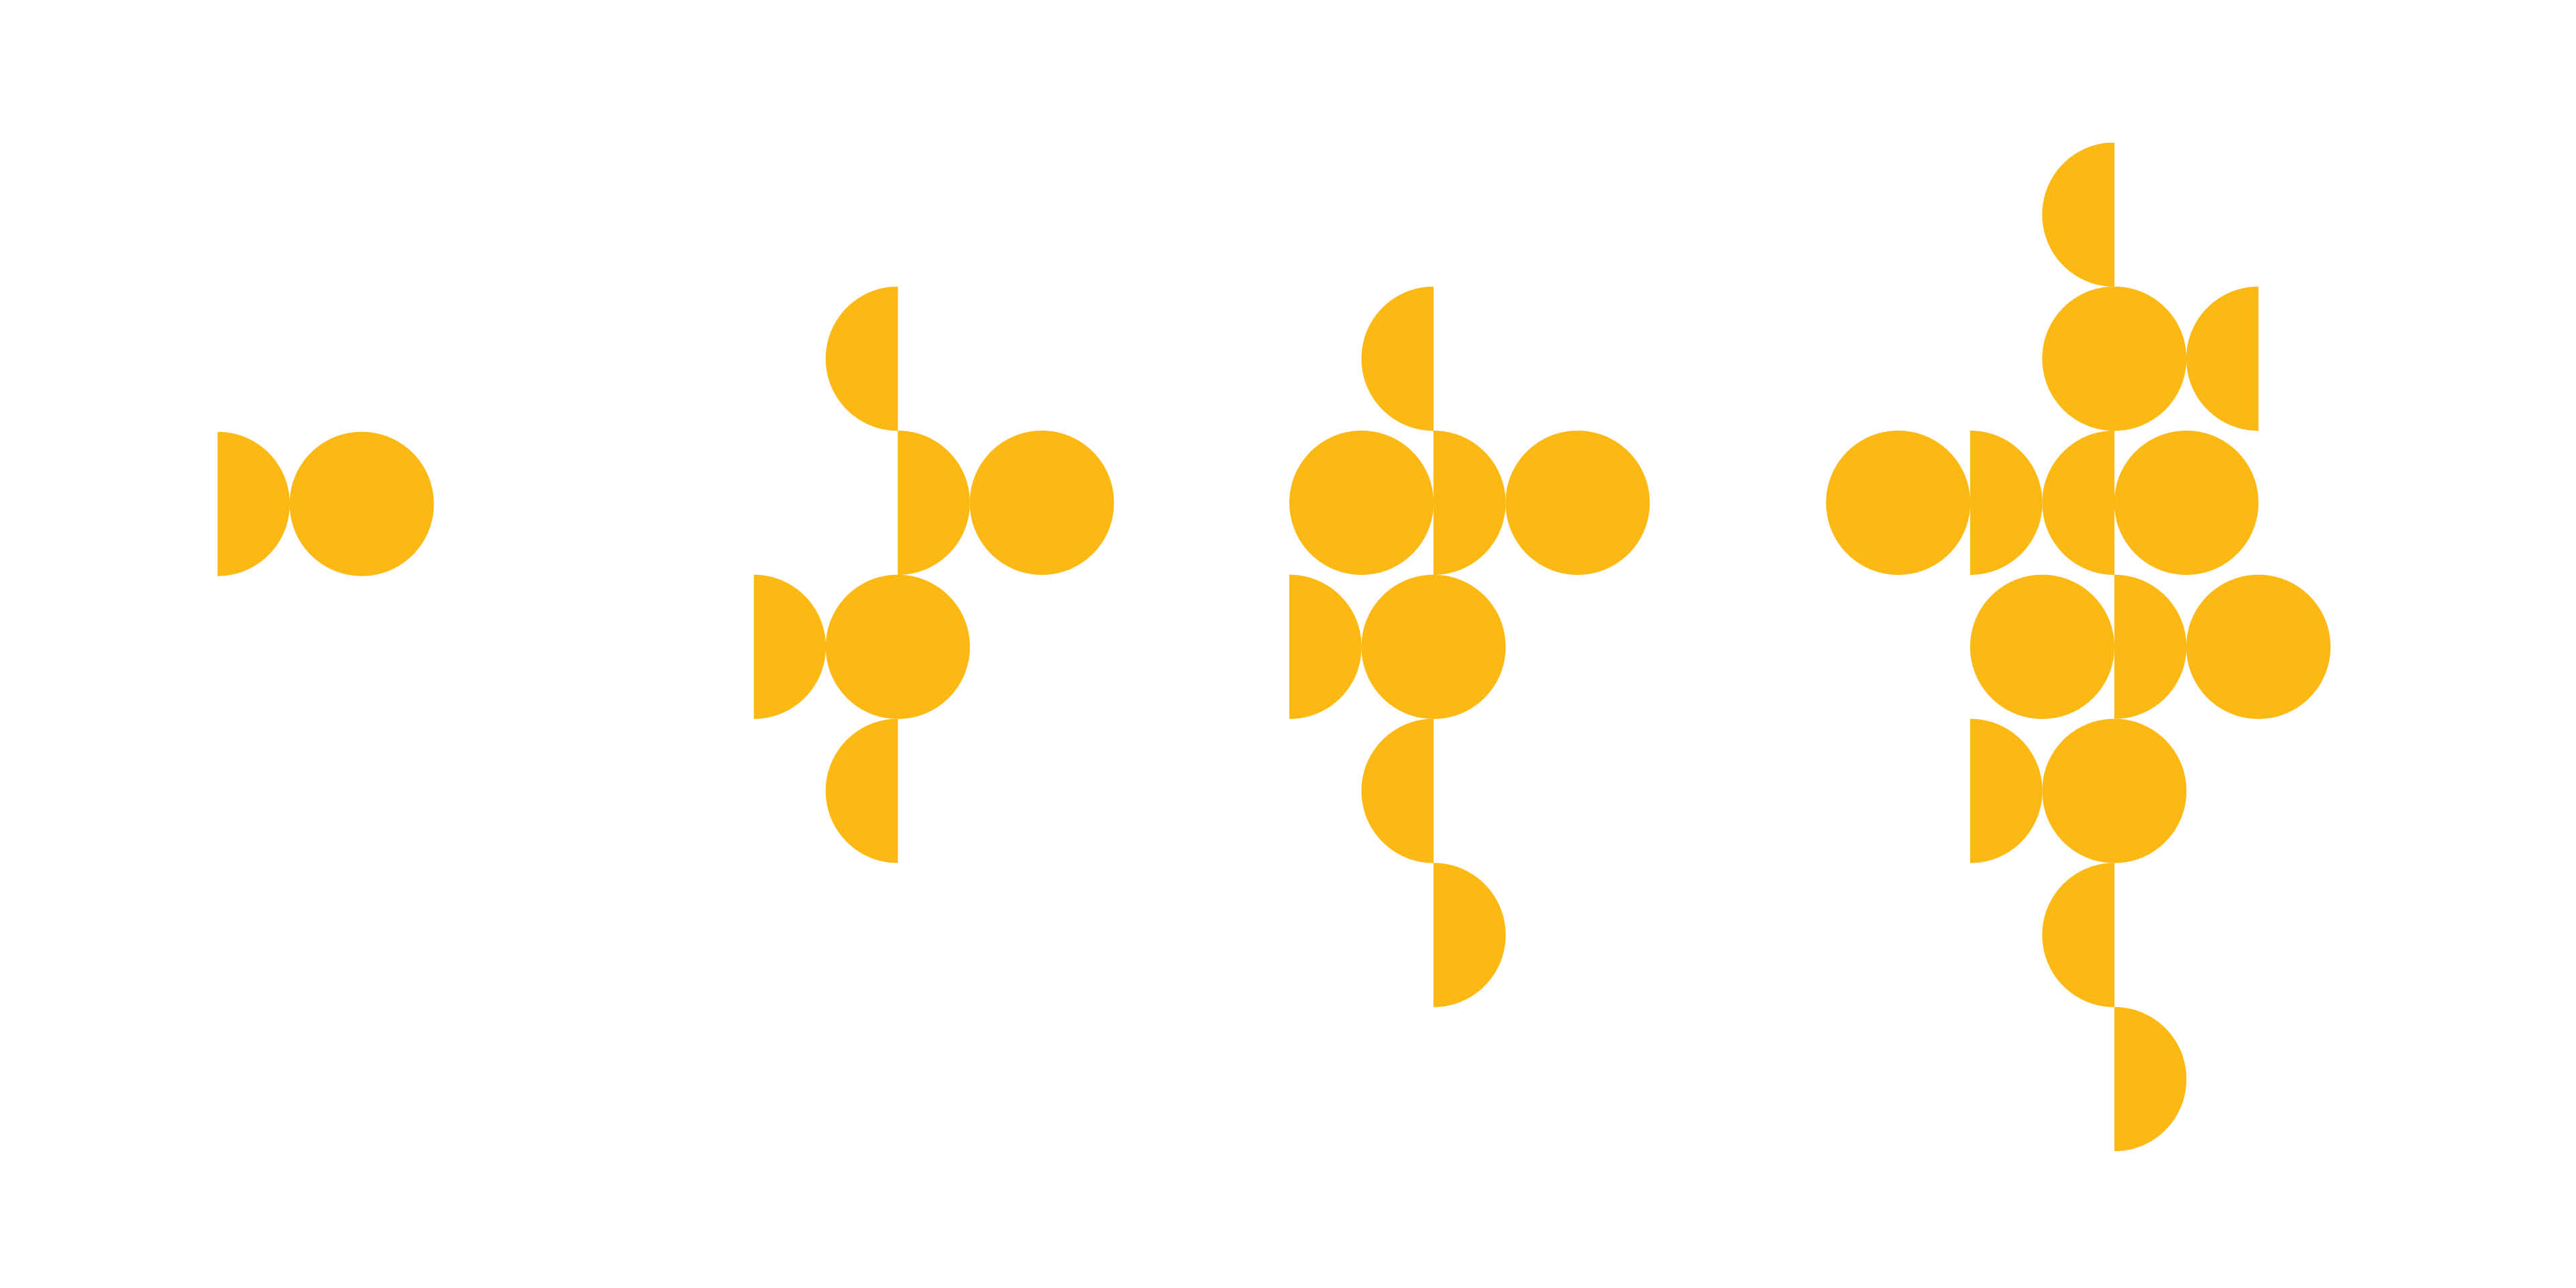 Symboler ur Tidaholms grafiska profil, framtagen av Identx